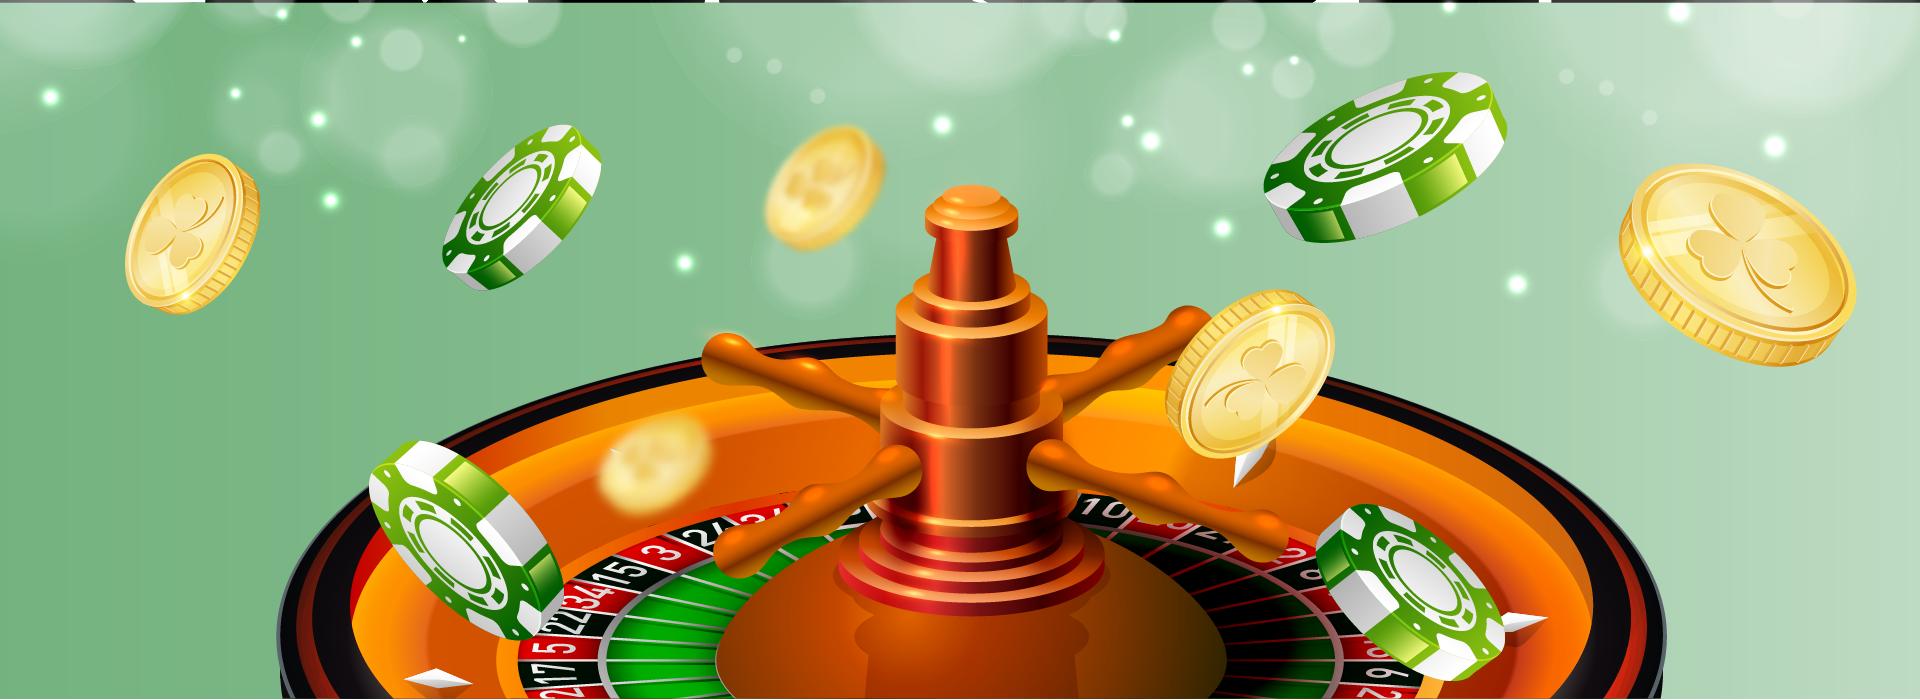 Lerne casinos online wie ein Profi